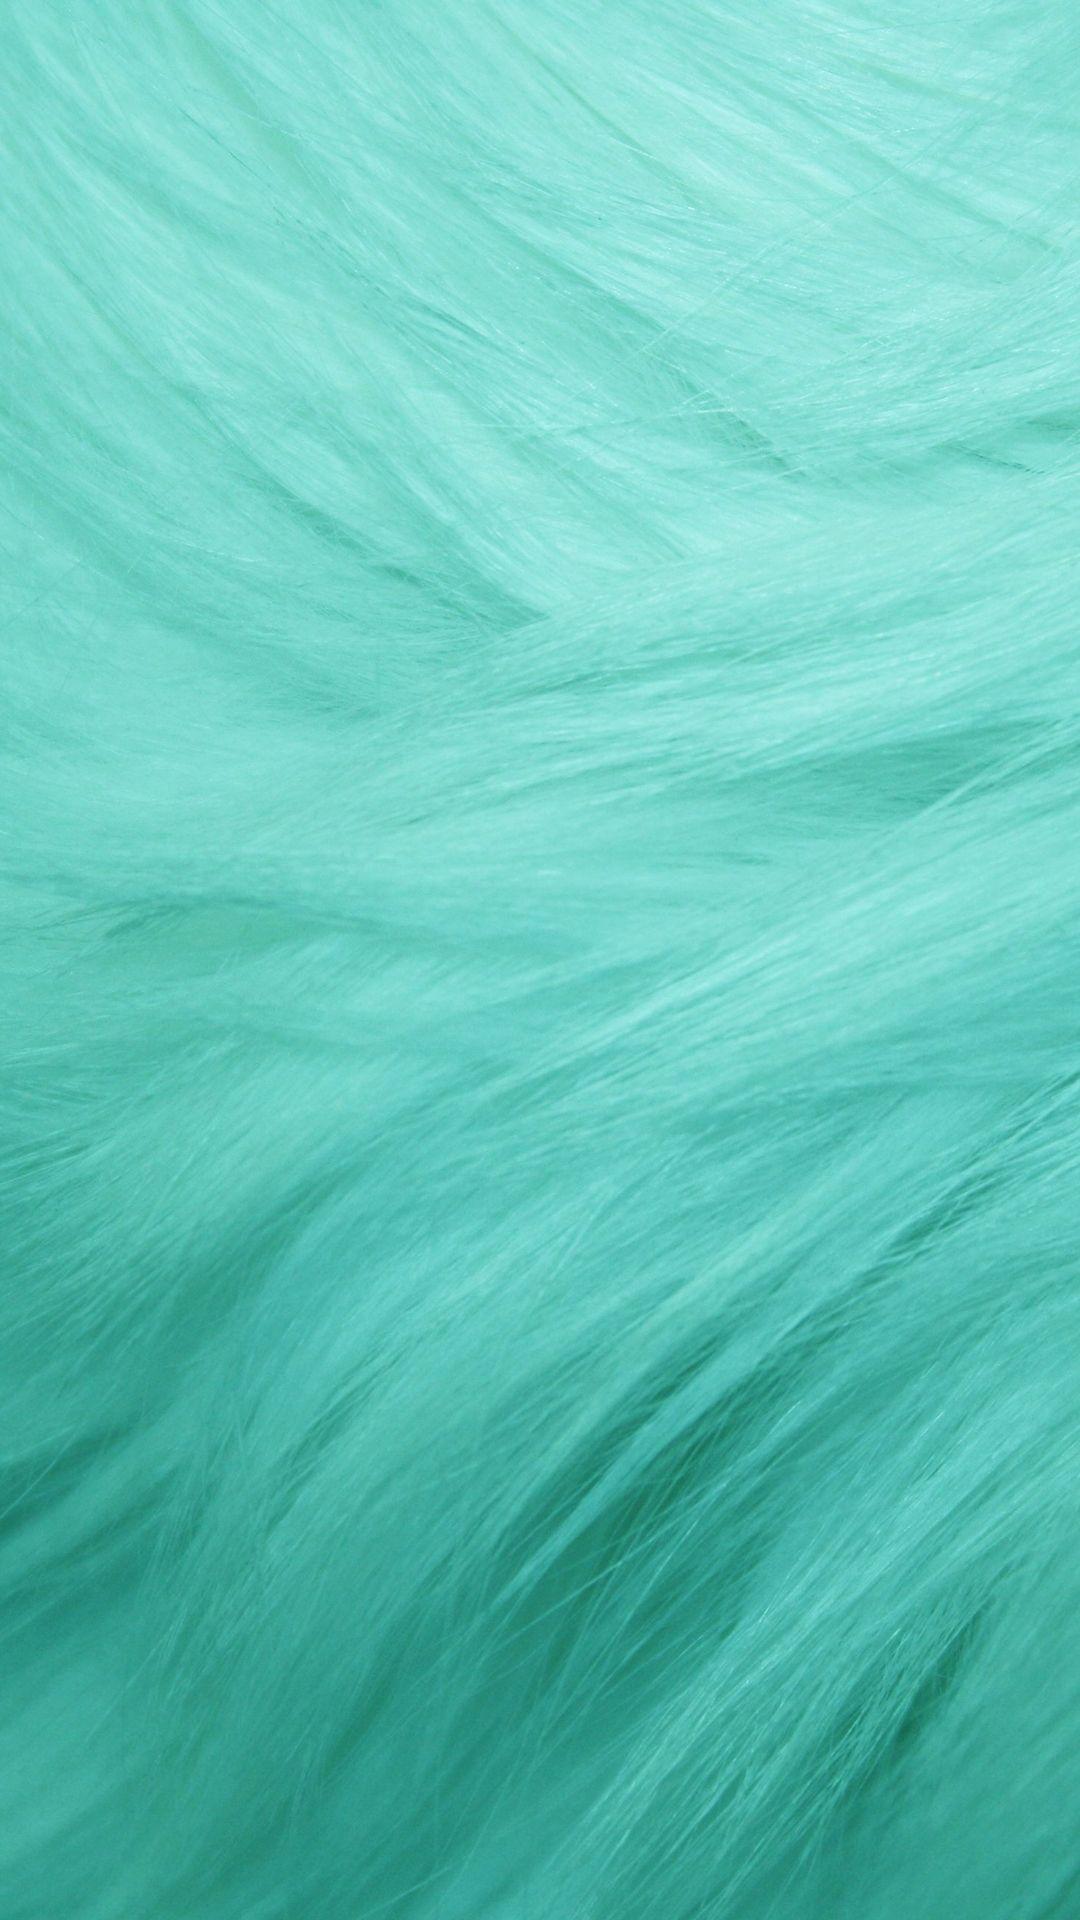 Mint Green Iphone 11 1080x1920 Download Hd Wallpaper Wallpapertip